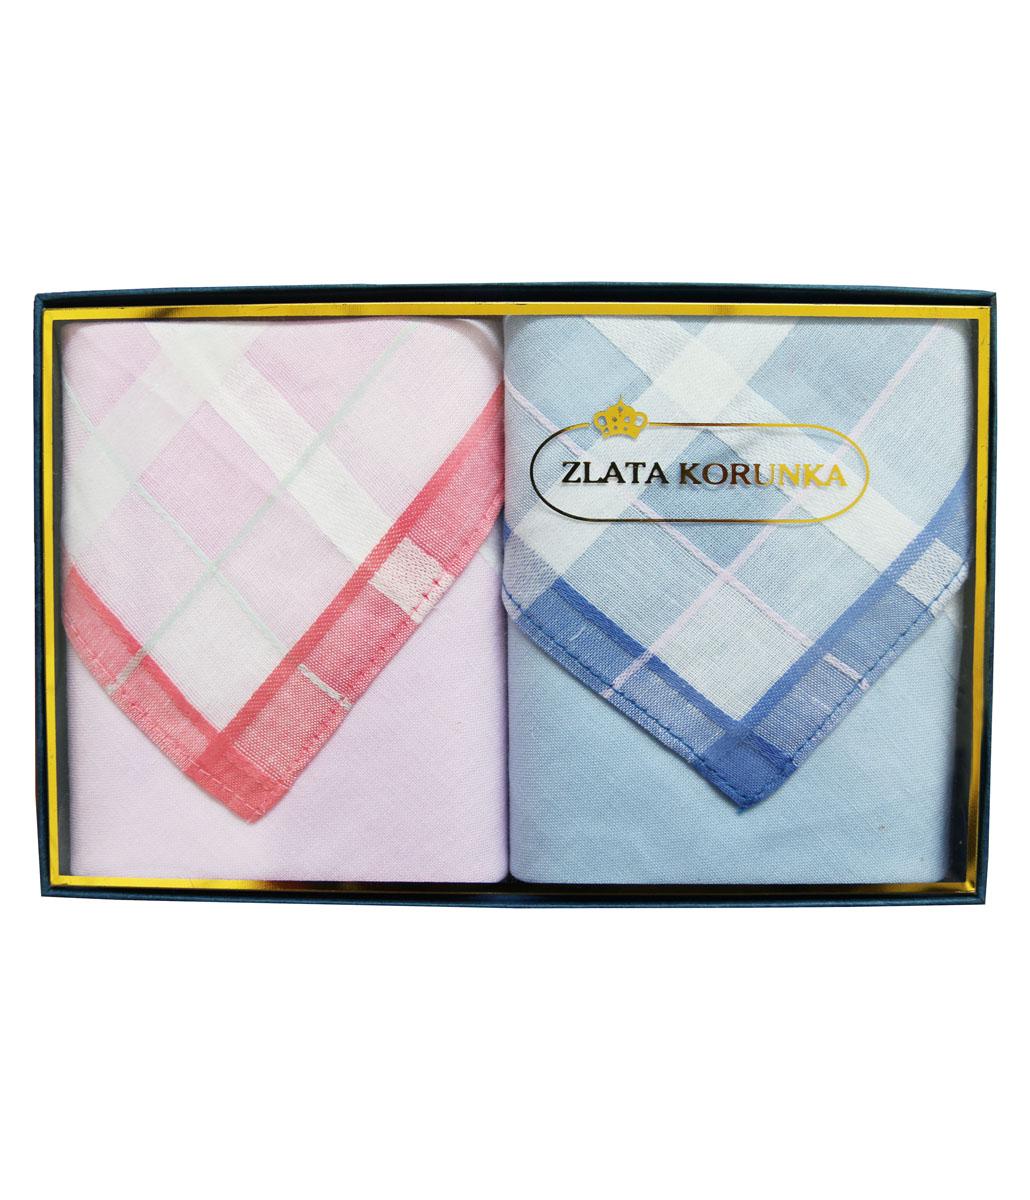 90220-1 Zlata Korunka Носовой платок женский, цвет: мультиколор, 28х28 см, 2 шт90220-1Платки носовые женские в упаковке по 3 шт. Носовые платки изготовлены из 100% хлопка, так как этот материал приятен в использовании, хорошо стирается, не садится, отлично впитывает влагу.